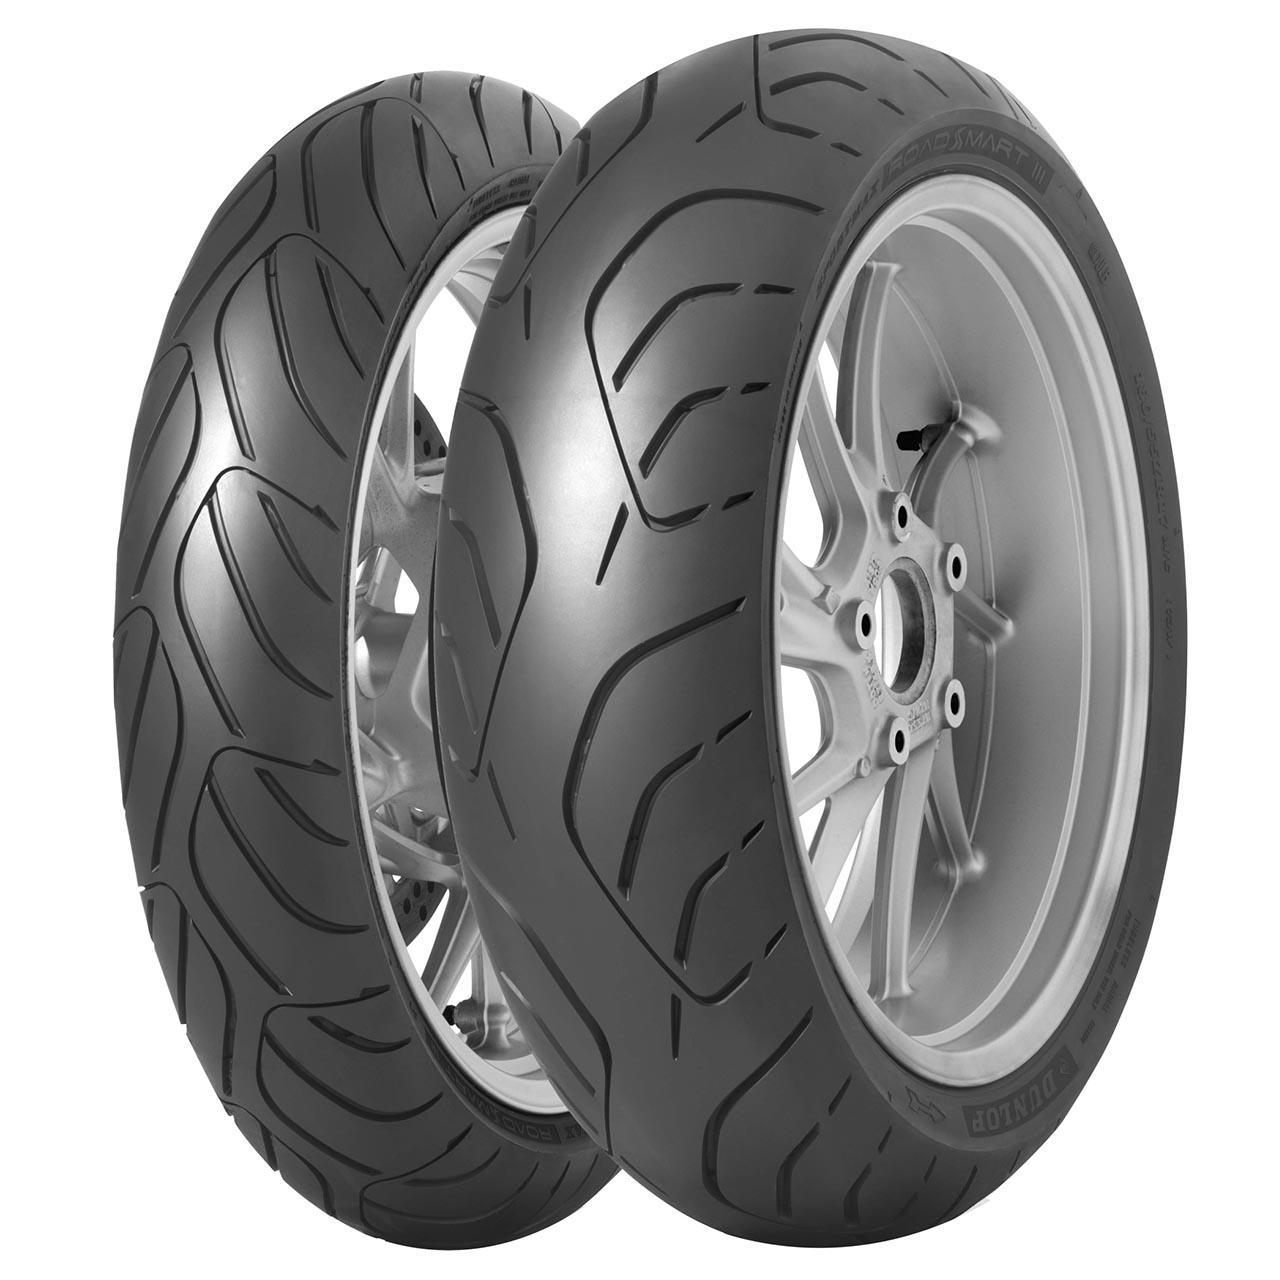 Dunlop Sportmax Roadsmart 3 180/55ZR17 (73W) TL